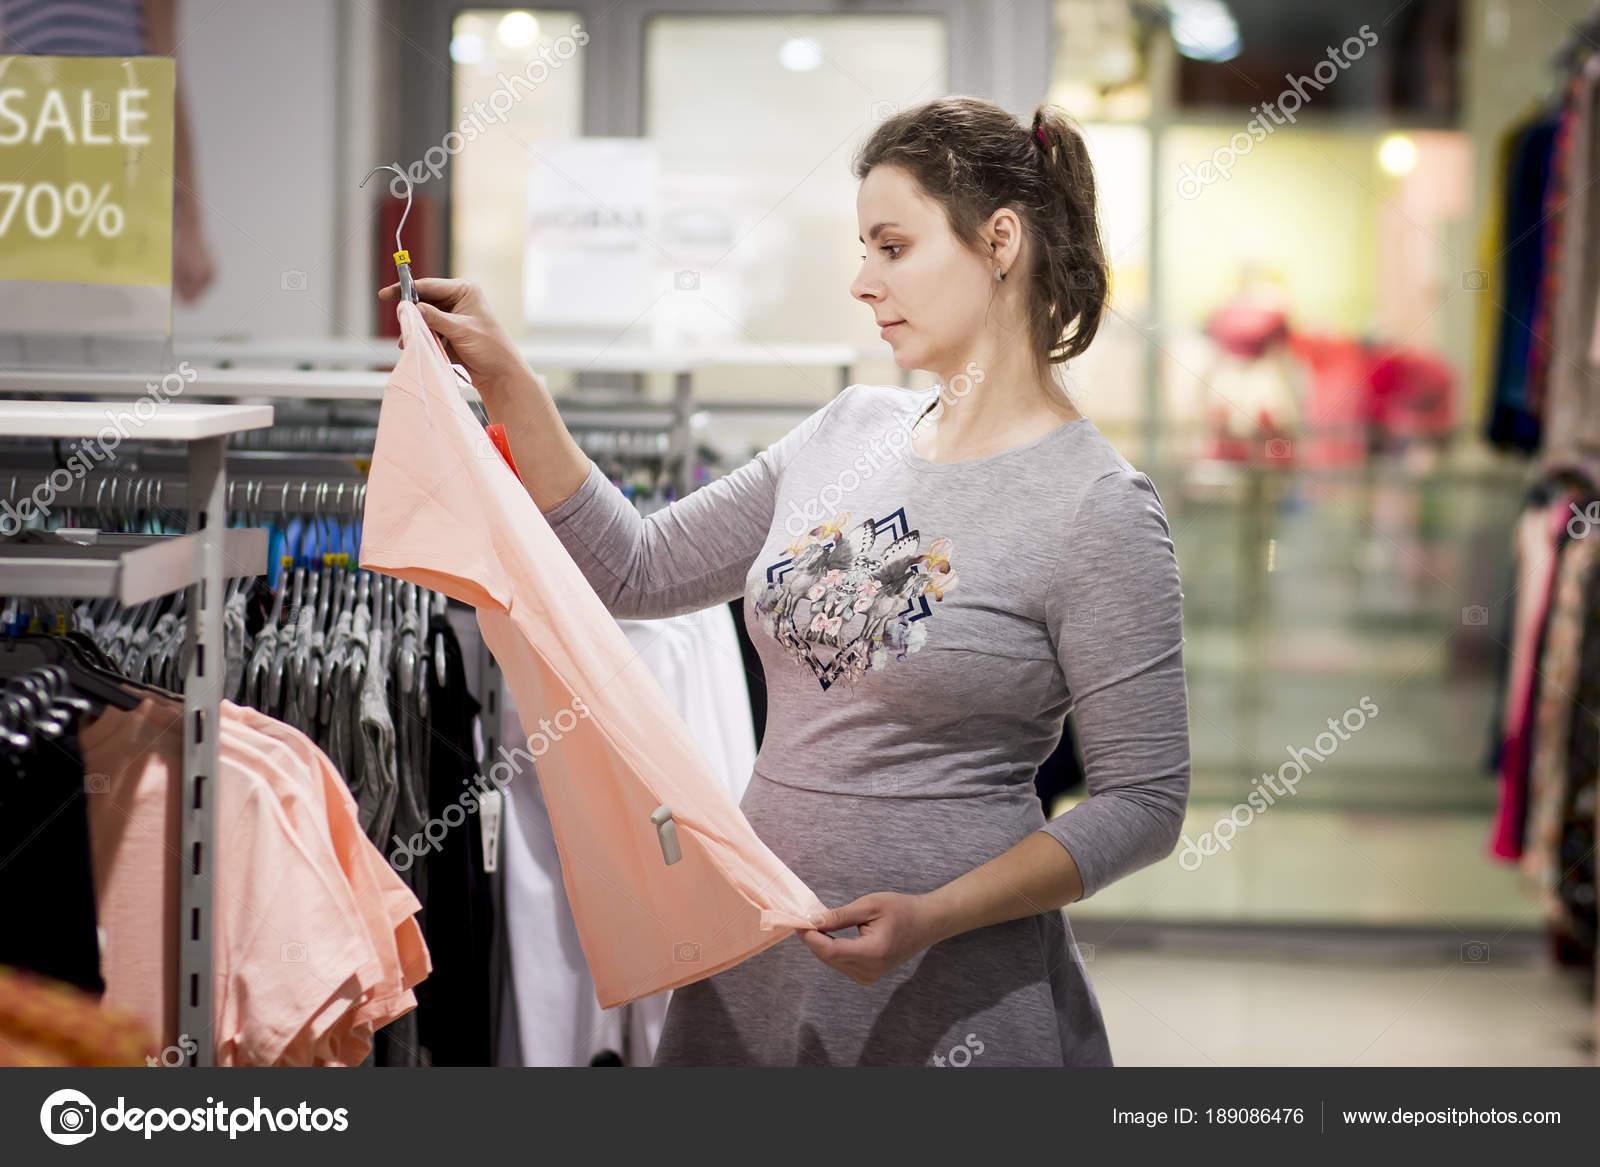 ffe85c7b54f739 Mädchen am Verkauf von modischer Kleidung im Laden. junge Frau ist am Black  Friday shopping.